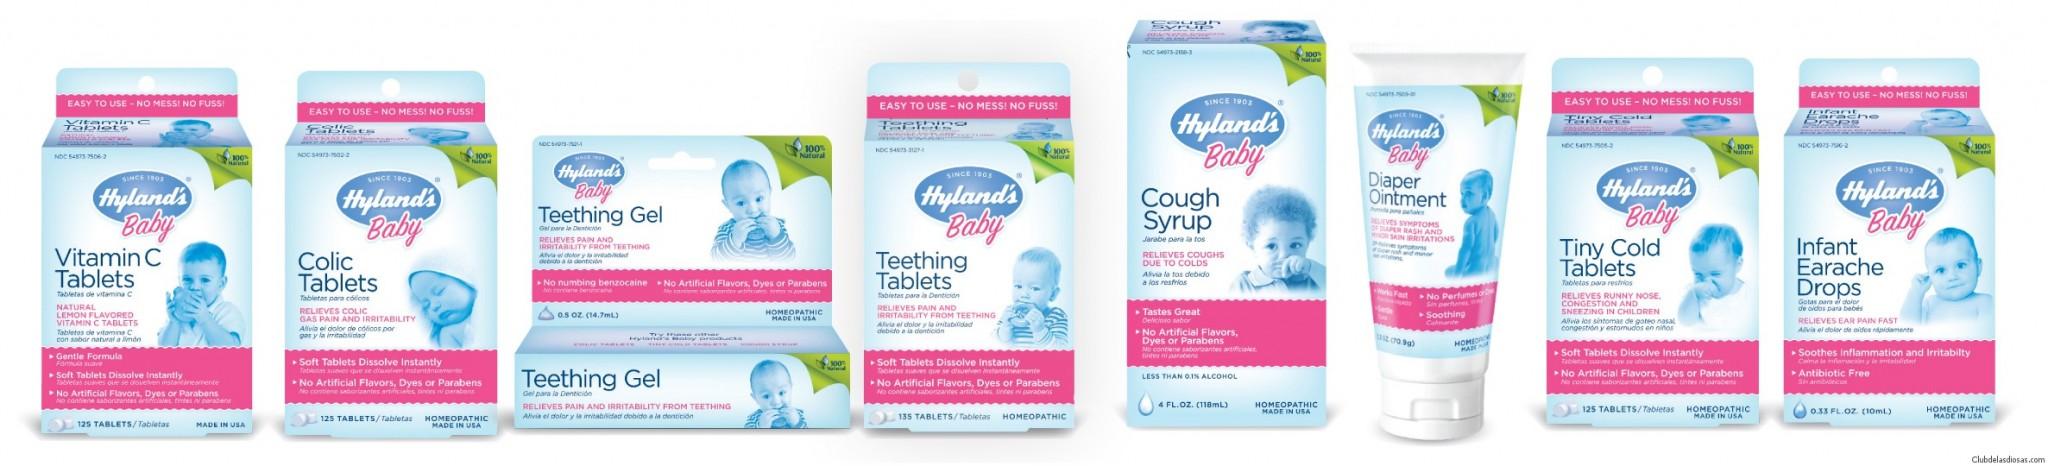 Sorteo los productos homeopaticos hyland 39 s son excelentes para tus ni os - Tos bebe 2 meses ...